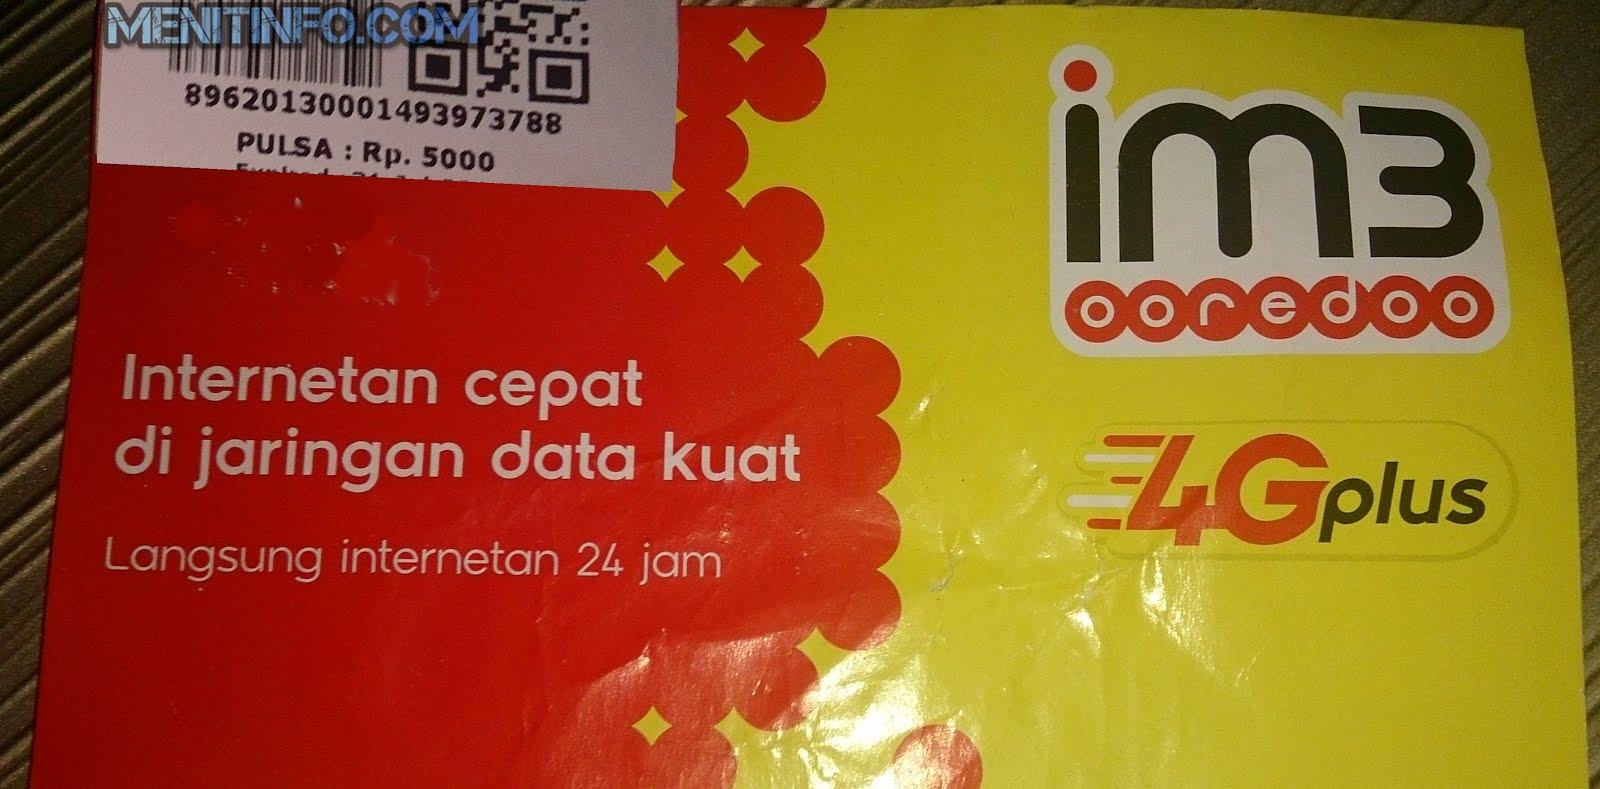 Cara Aktifkan Paket Internet Indosat Ooredoo 10 3gb Murah Menit Info